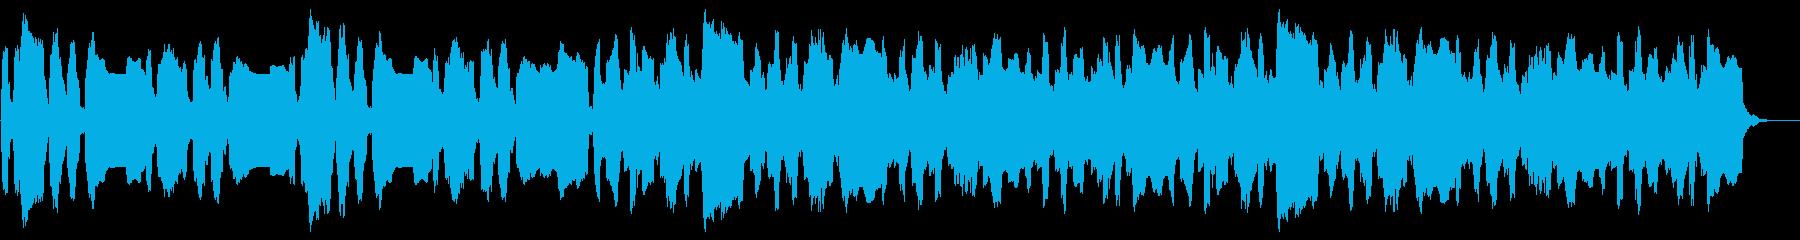 ほのぼの コミカルなBGM のどか 愉快の再生済みの波形